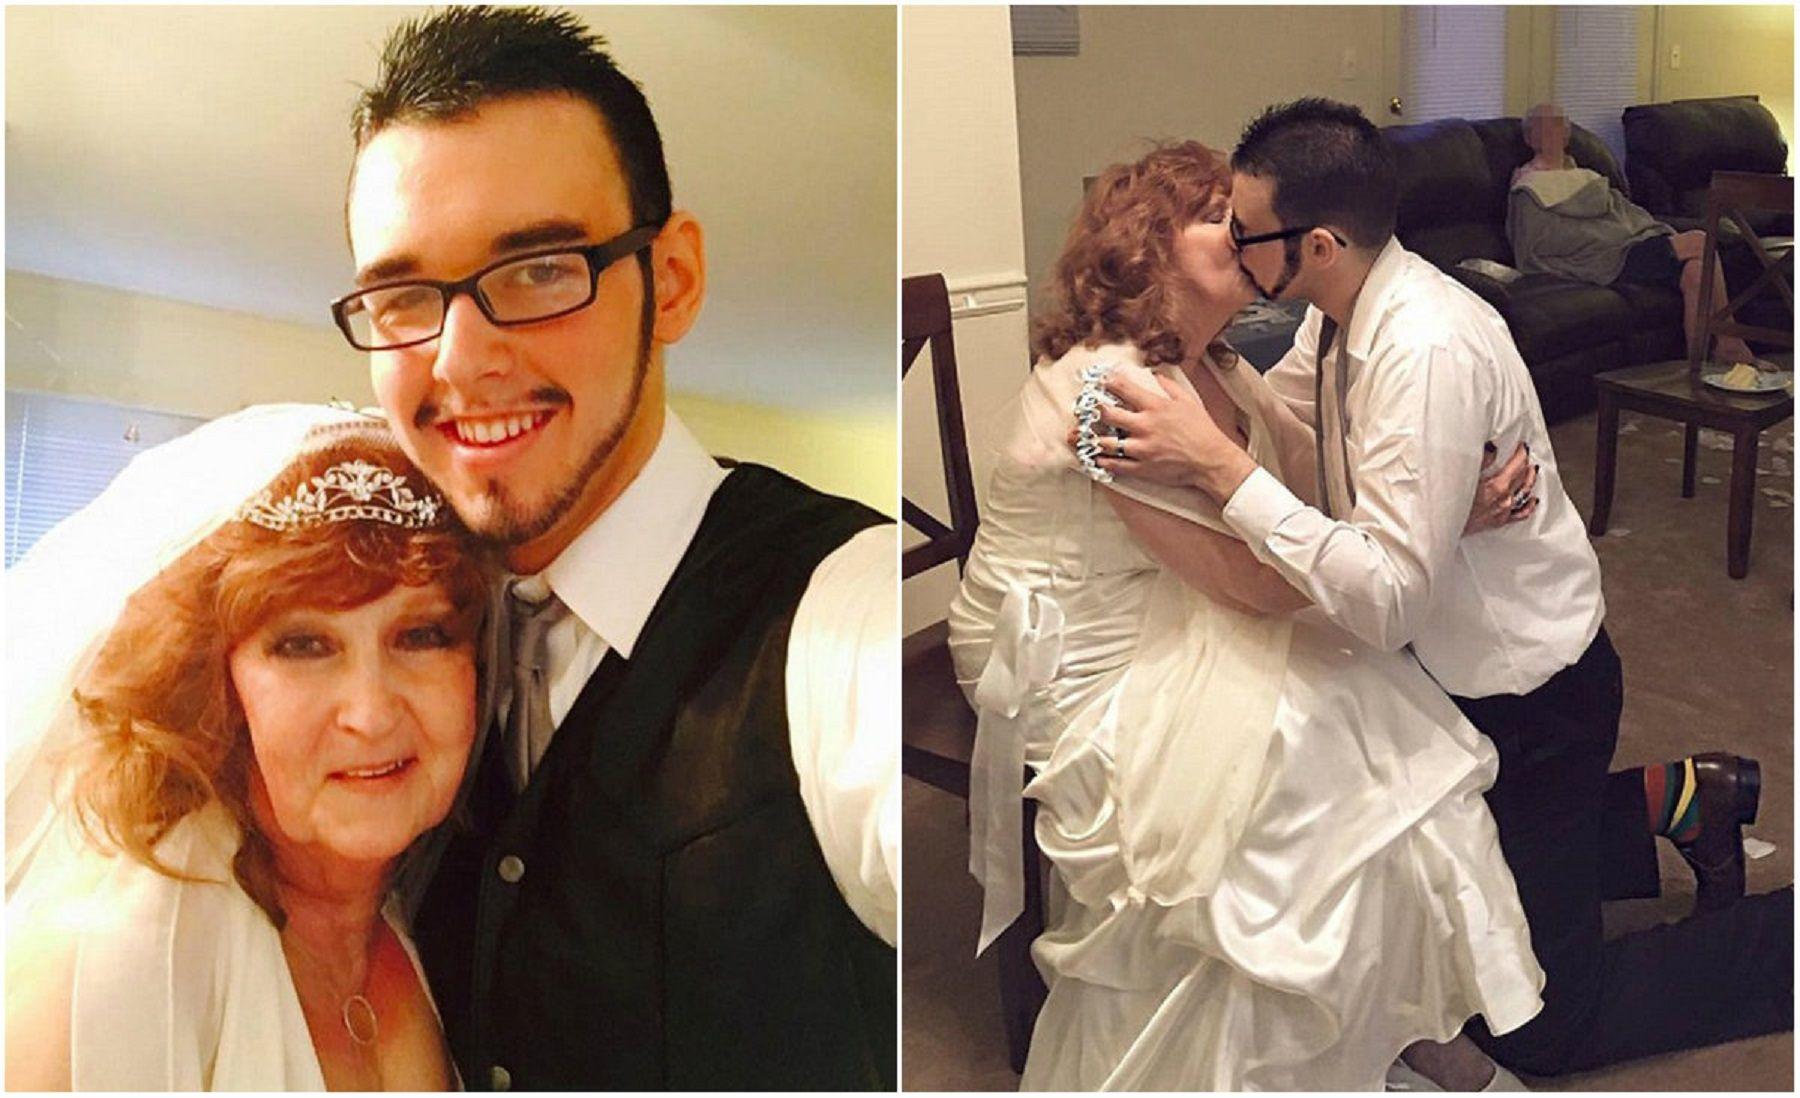 Tiene 71 años y conoció a su nueva pareja de 17 en el funeral de su hijo